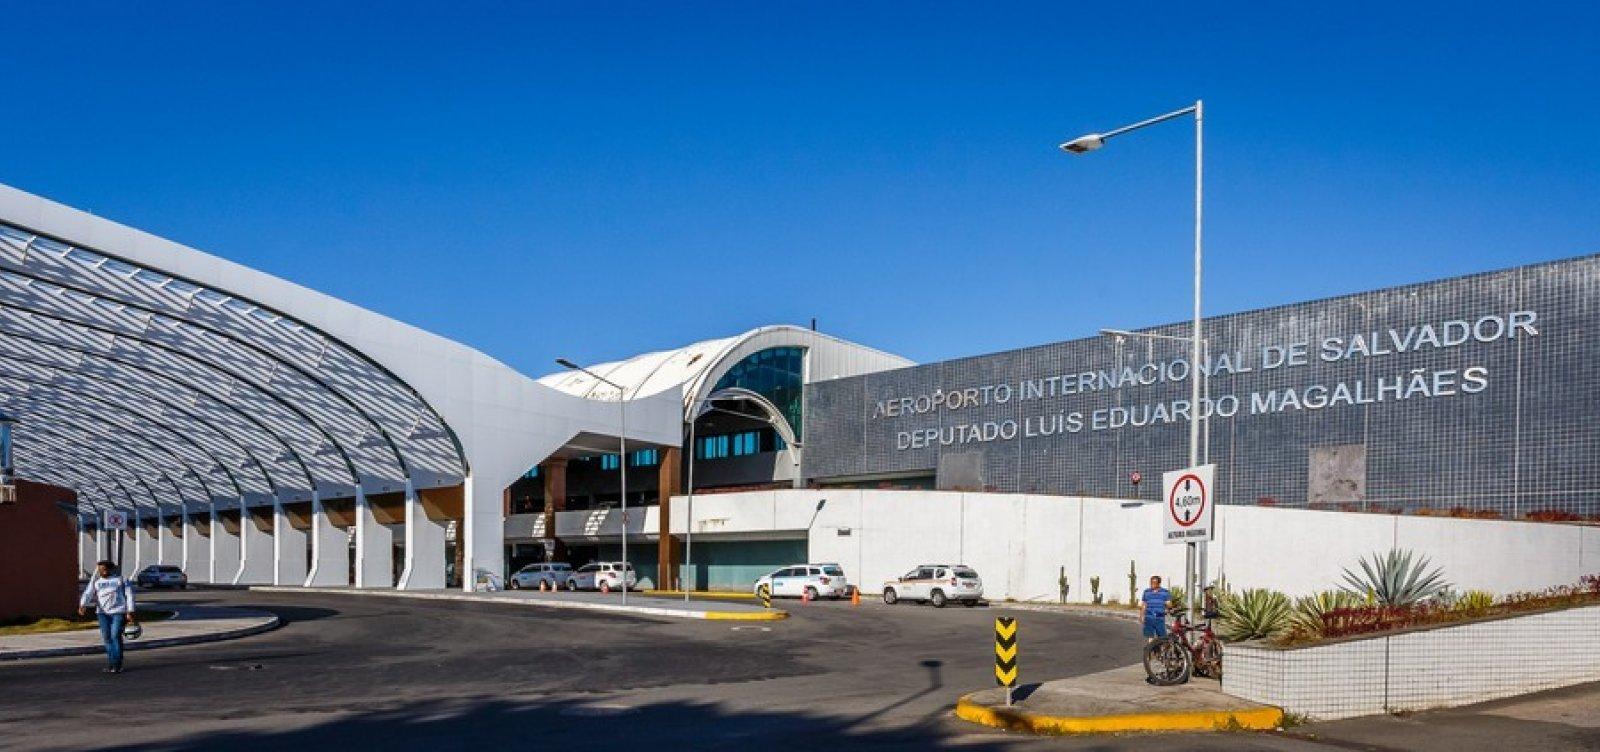 [Aeroporto terá capacidade para 15 milhões de passageiros por ano com reforma]